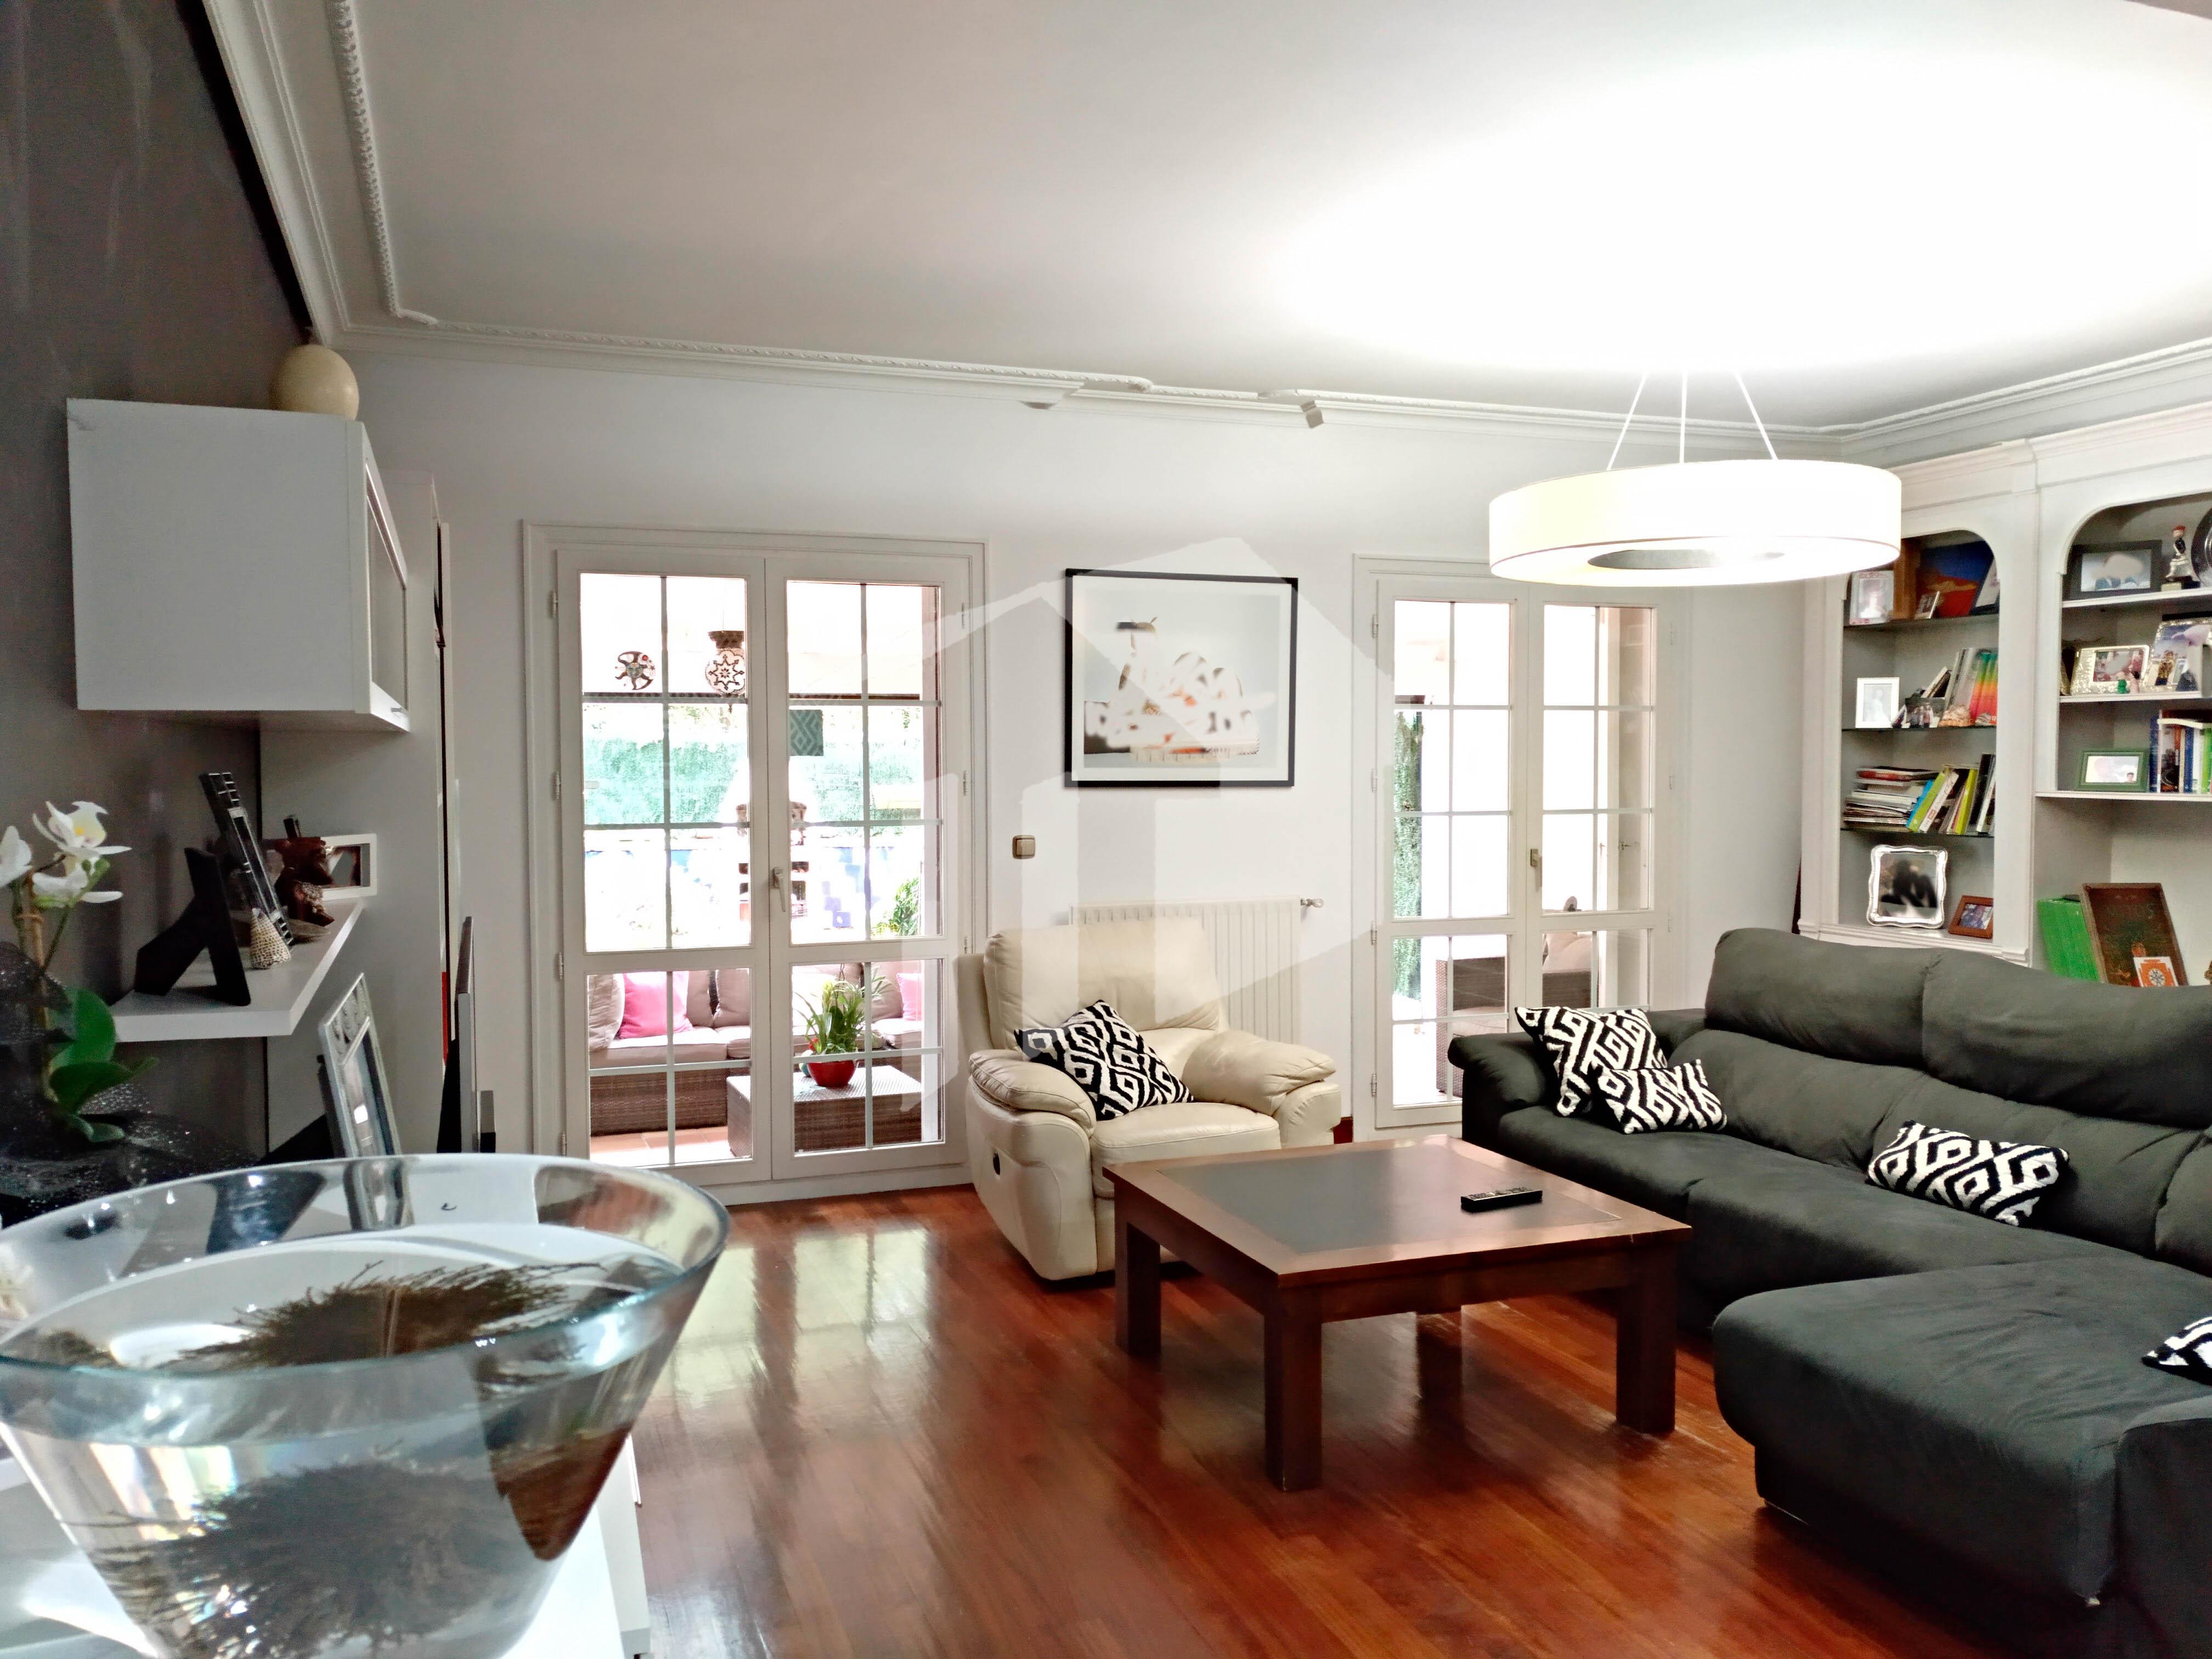 MAGNIFICA VILLA de 223, 45m² con gran salón comedor, 4 dormitorios,...